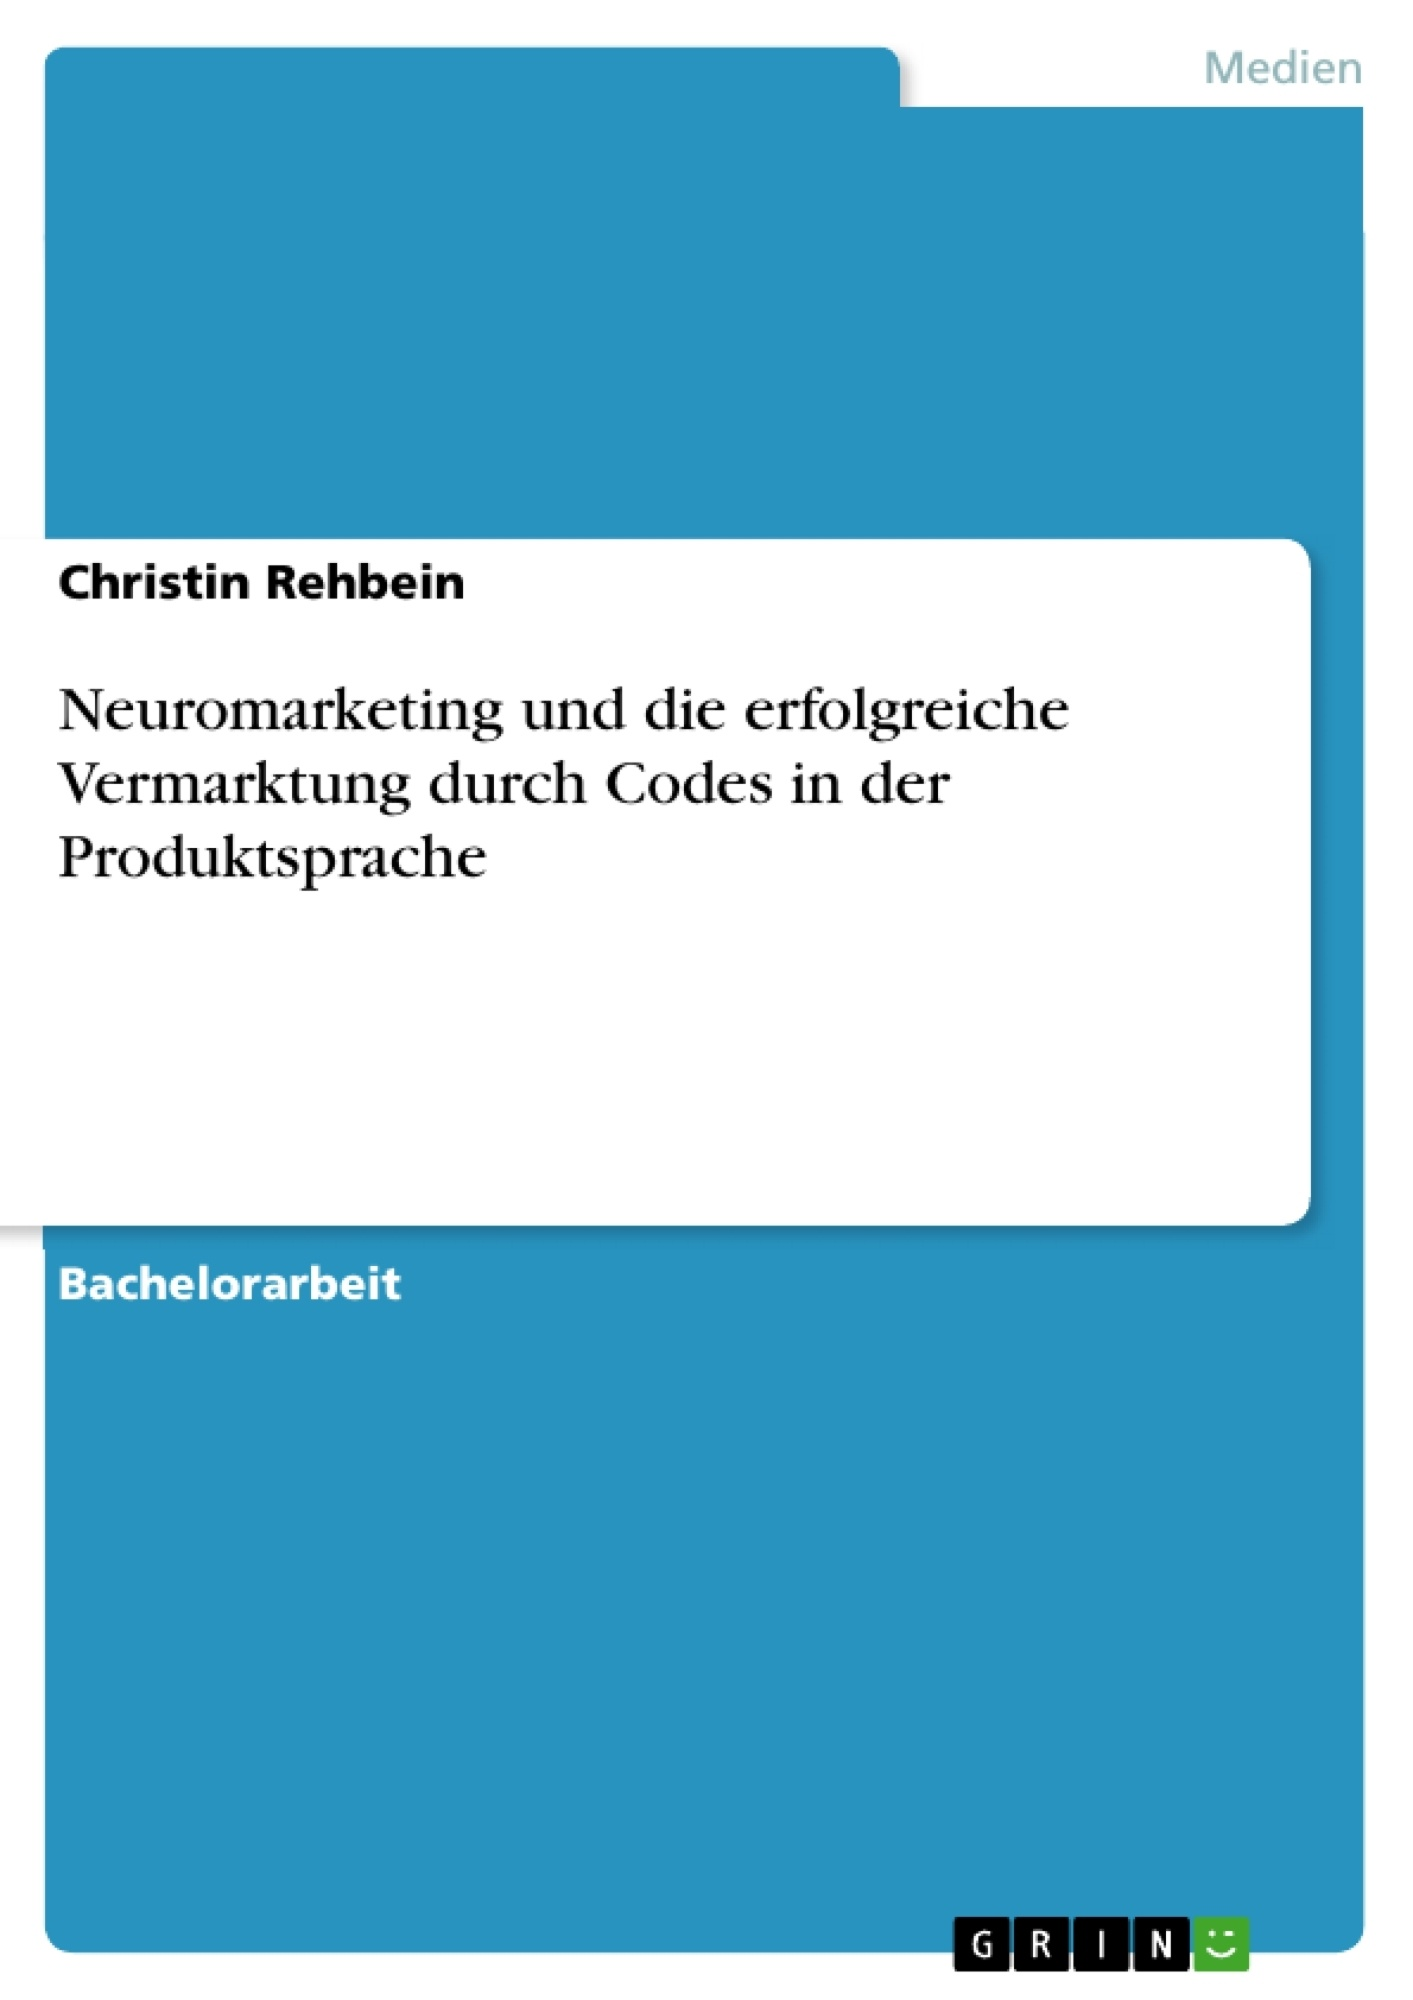 Titel: Neuromarketing und die erfolgreiche Vermarktung durch Codes in der Produktsprache